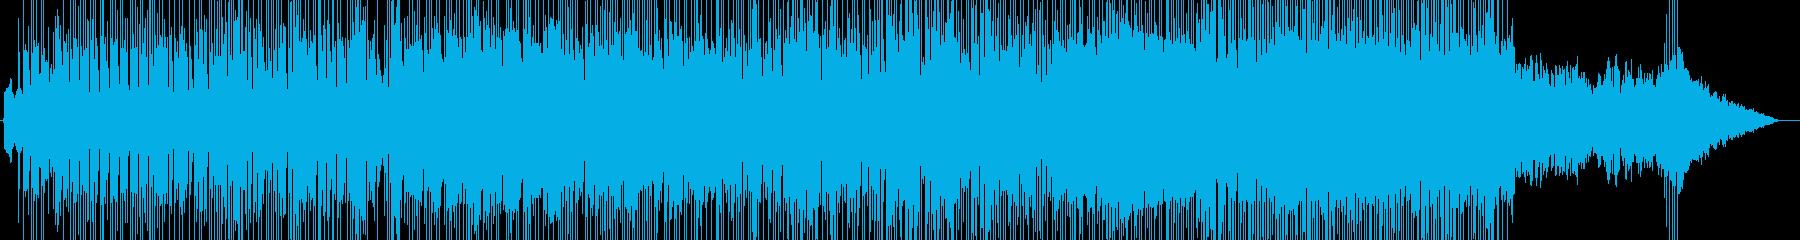 ひょうきんな感じのポップス・メロディーの再生済みの波形